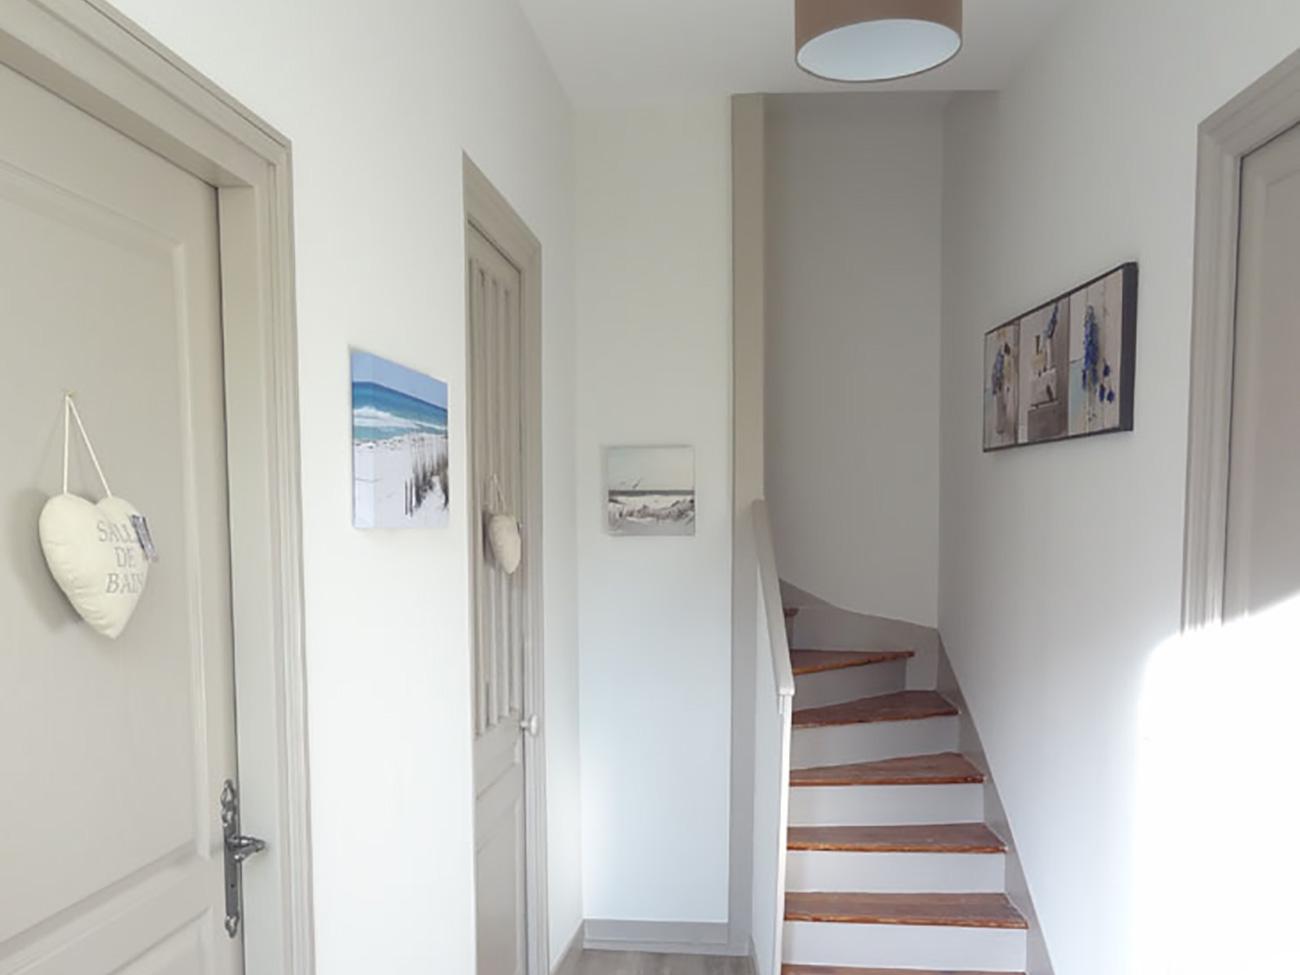 Location Maison Ile de Ré - Santoline - Escalier